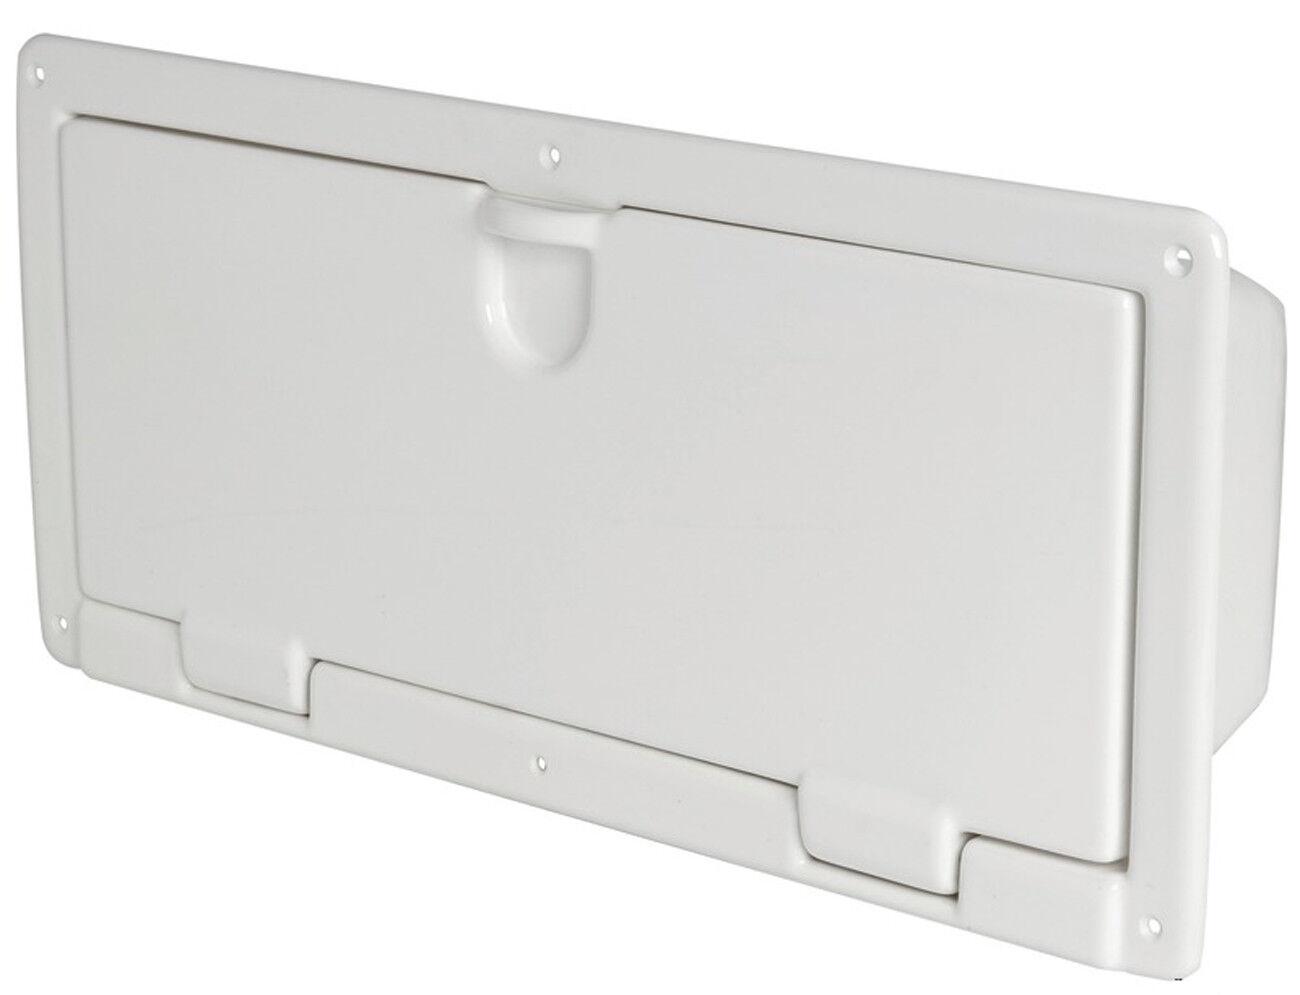 Osculati ABS Ablage-Kasten zum Wandeinbau 540x244mm - weiß - Stiefel Fach Schrank